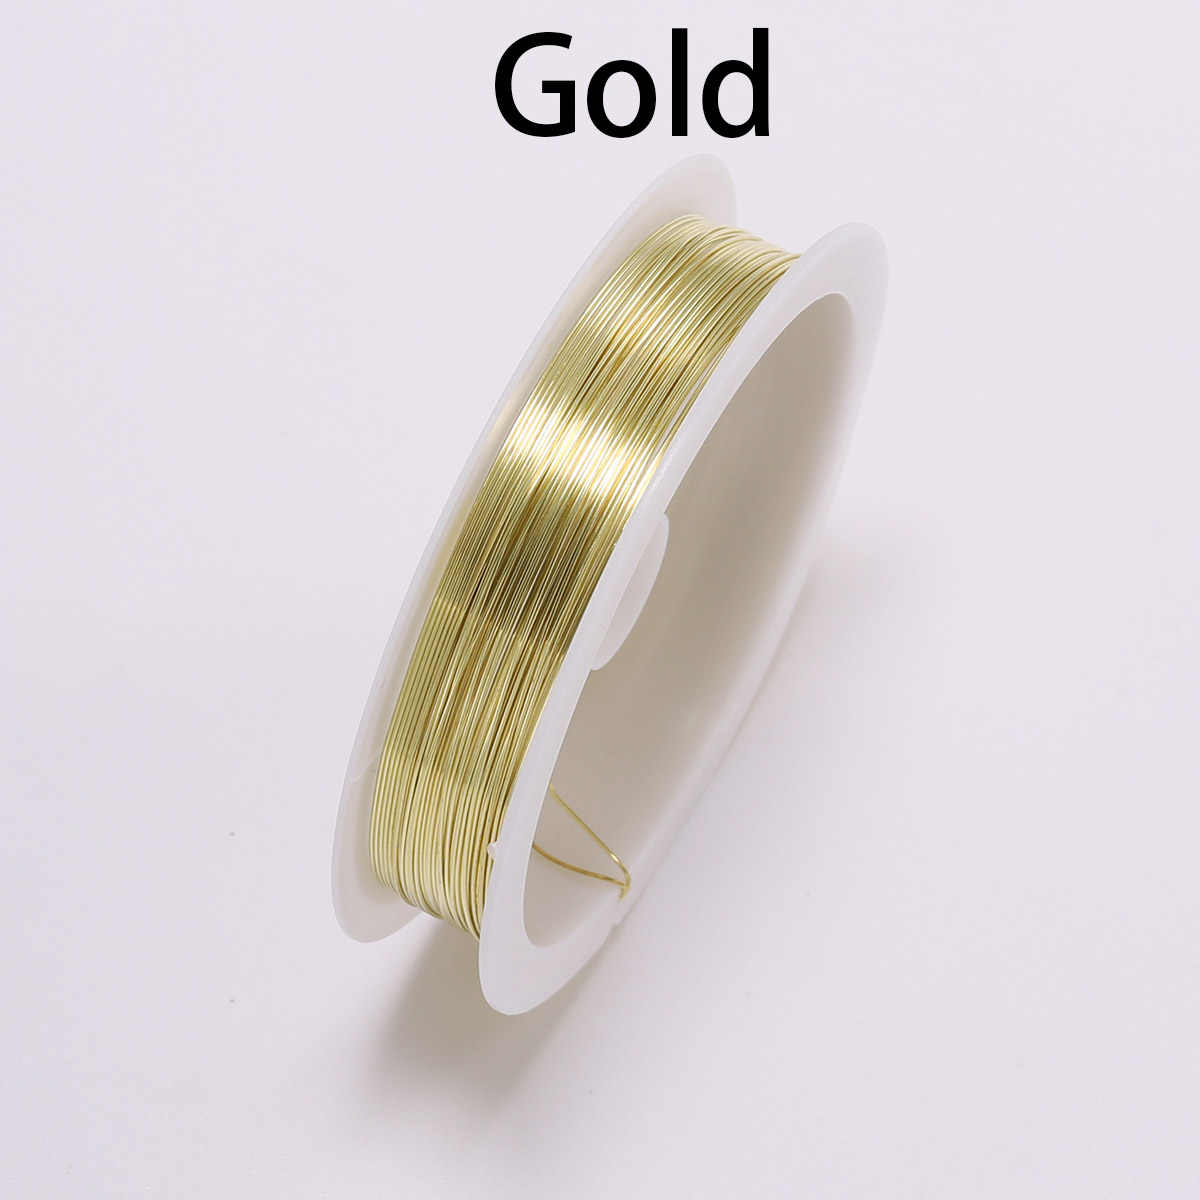 1 rollo de 0,3 0,4 de diámetro de alambre rollo de plata de oro azul de alambre de cuentas de cordón resultados de cadena DIY de cuentas de alambre para hacer joyas de bricolaje